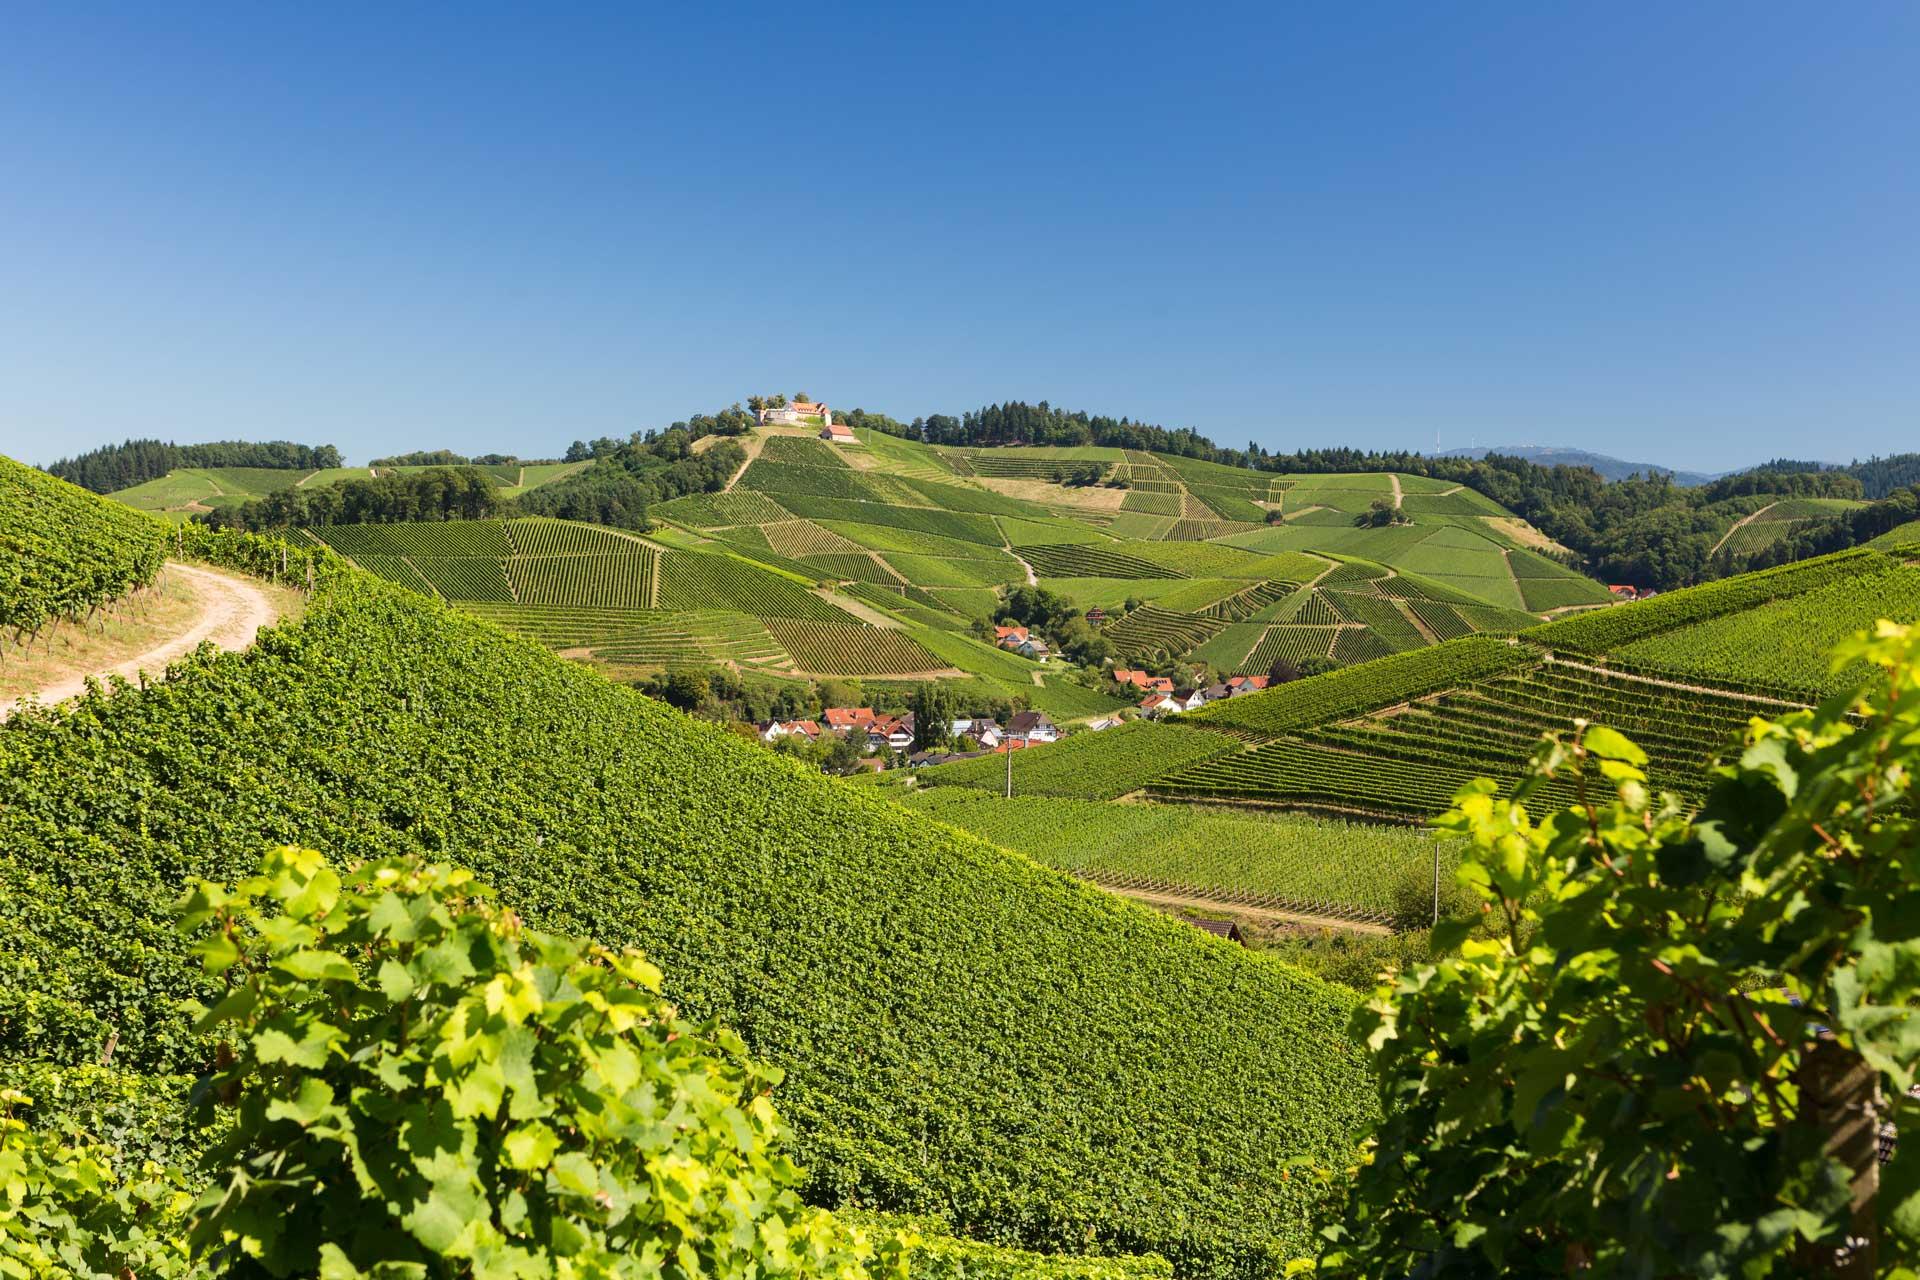 Landschaft_Blick-auf-Weinreben-und-Schloss-von-Sendelbach-aus